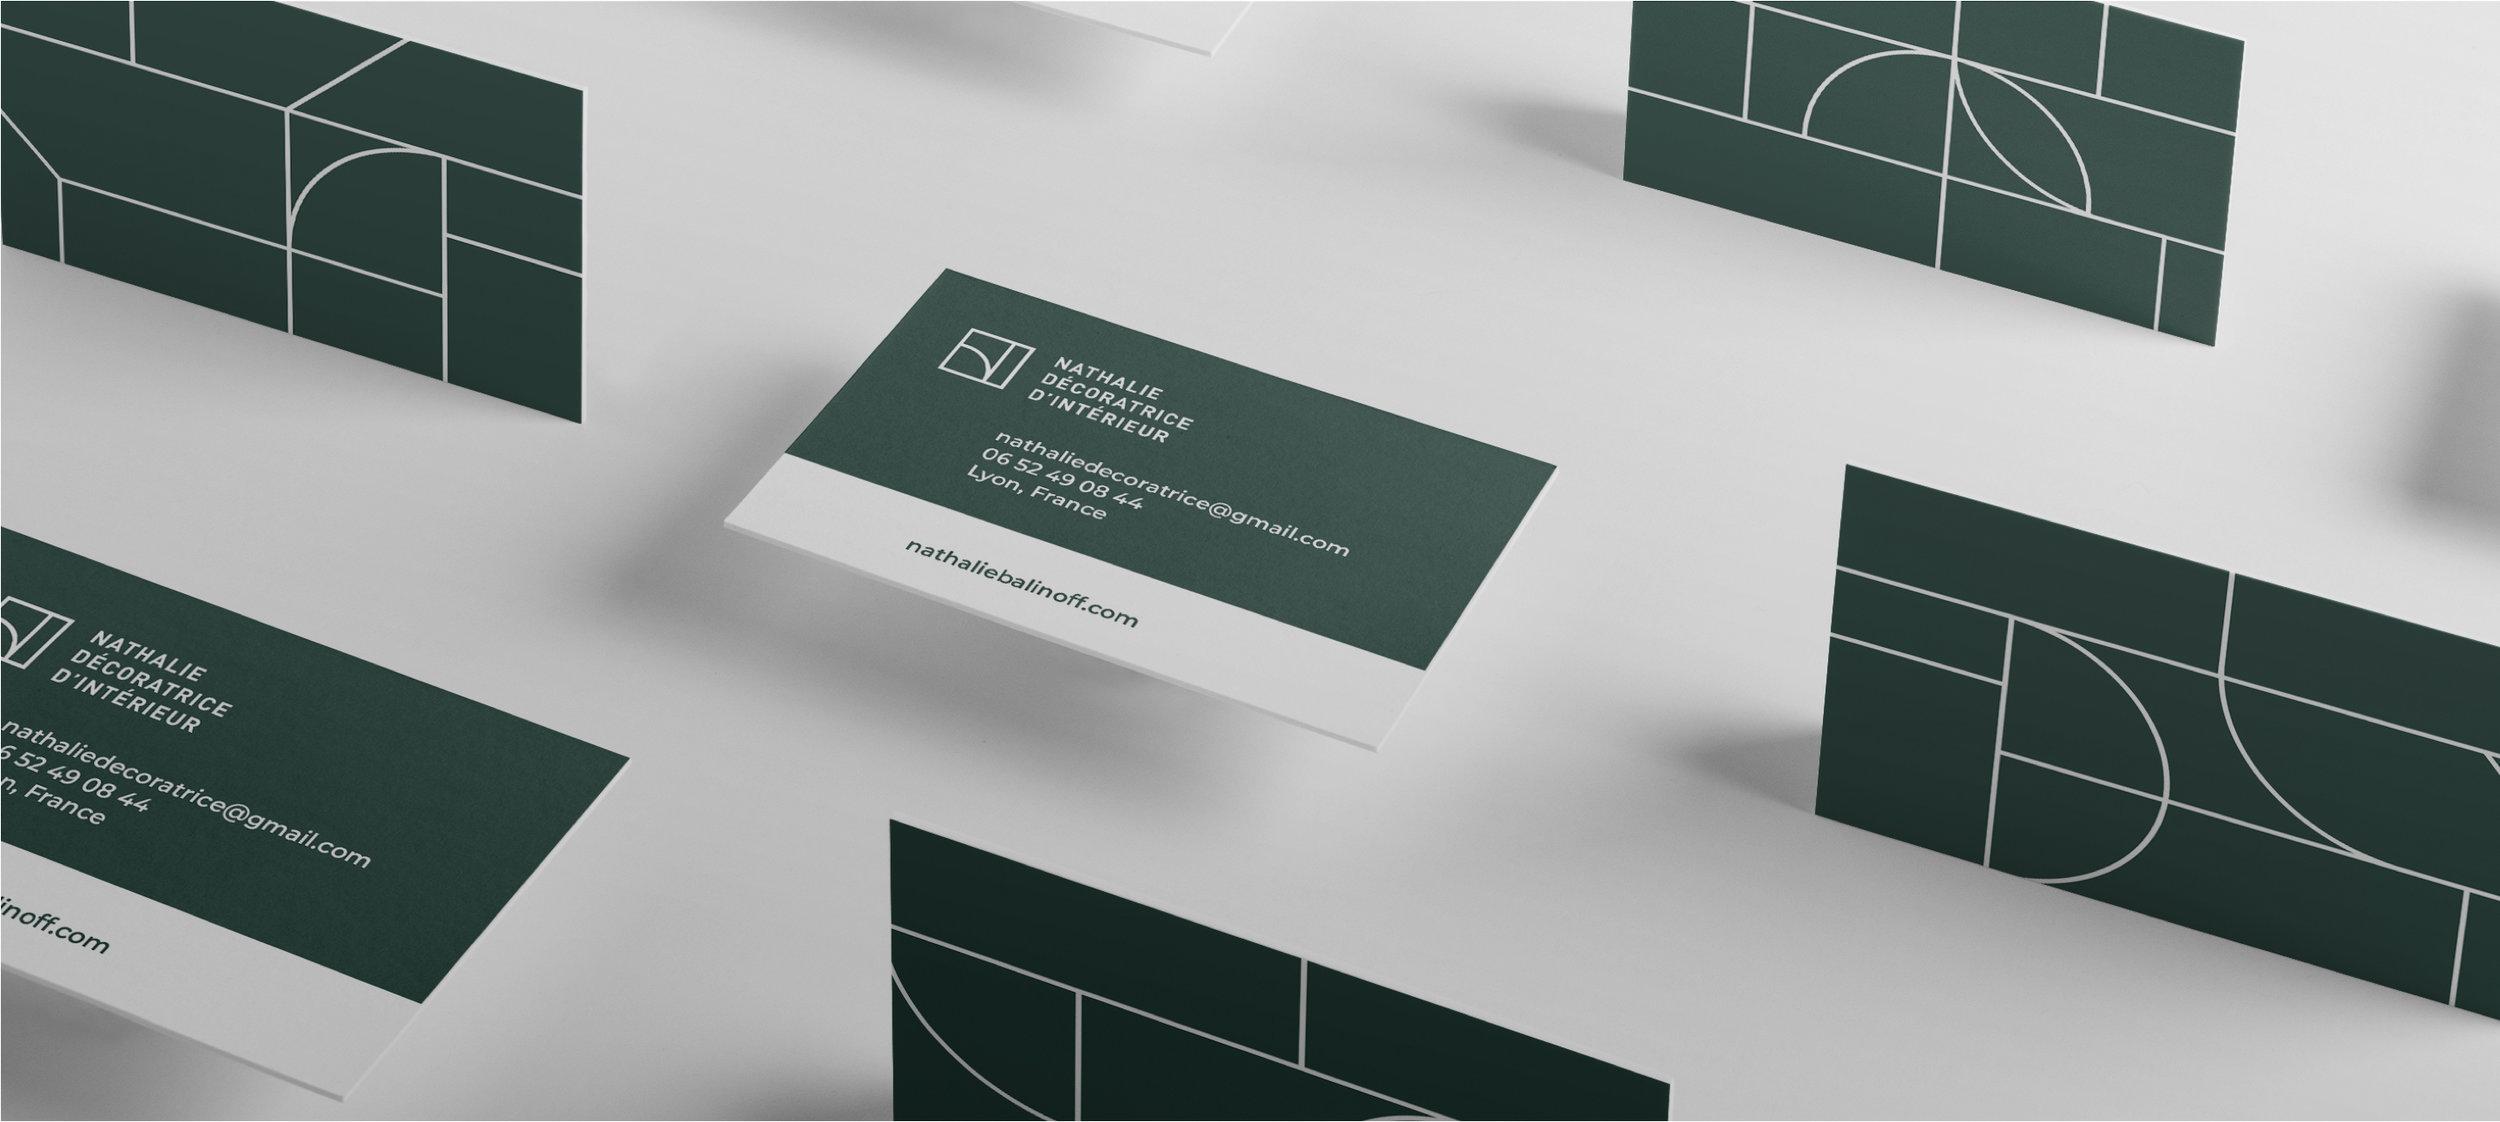 Site Design -